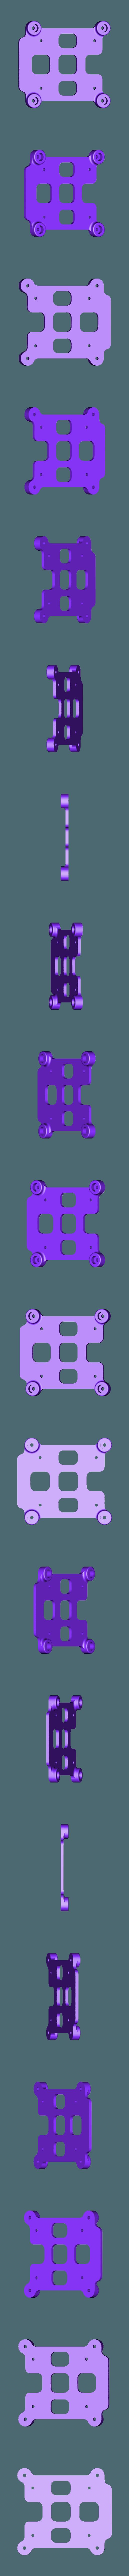 Support_RPI4.stl Télécharger fichier STL gratuit Etui Pi 4 framboise pour ventilateur • Design pour imprimante 3D, jeek25